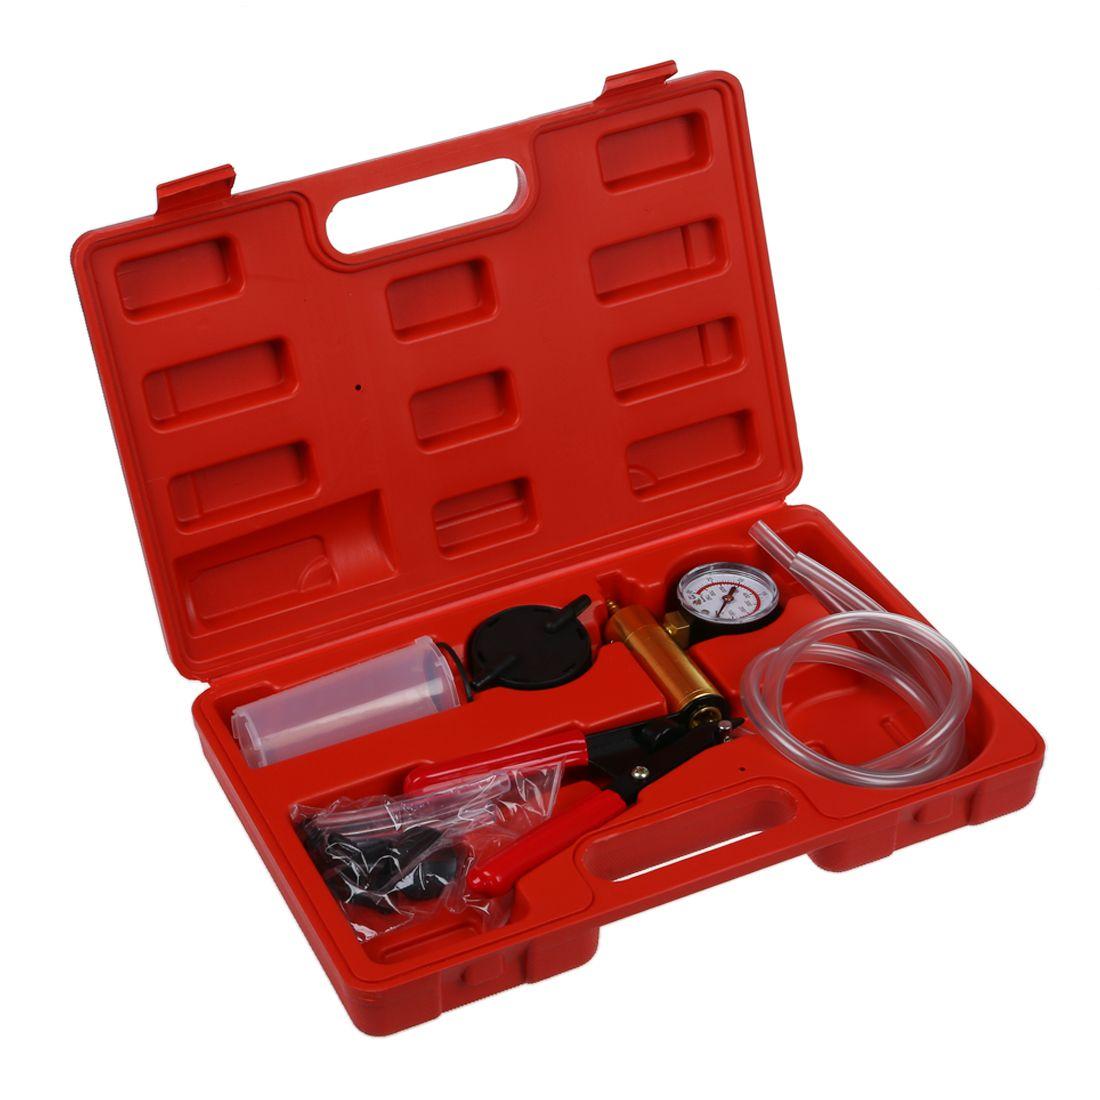 Vacuum Tester, Vacuum Pump Kit, Car Tool, Vacuum Testing Tool and <font><b>Brake</b></font> Bleeder